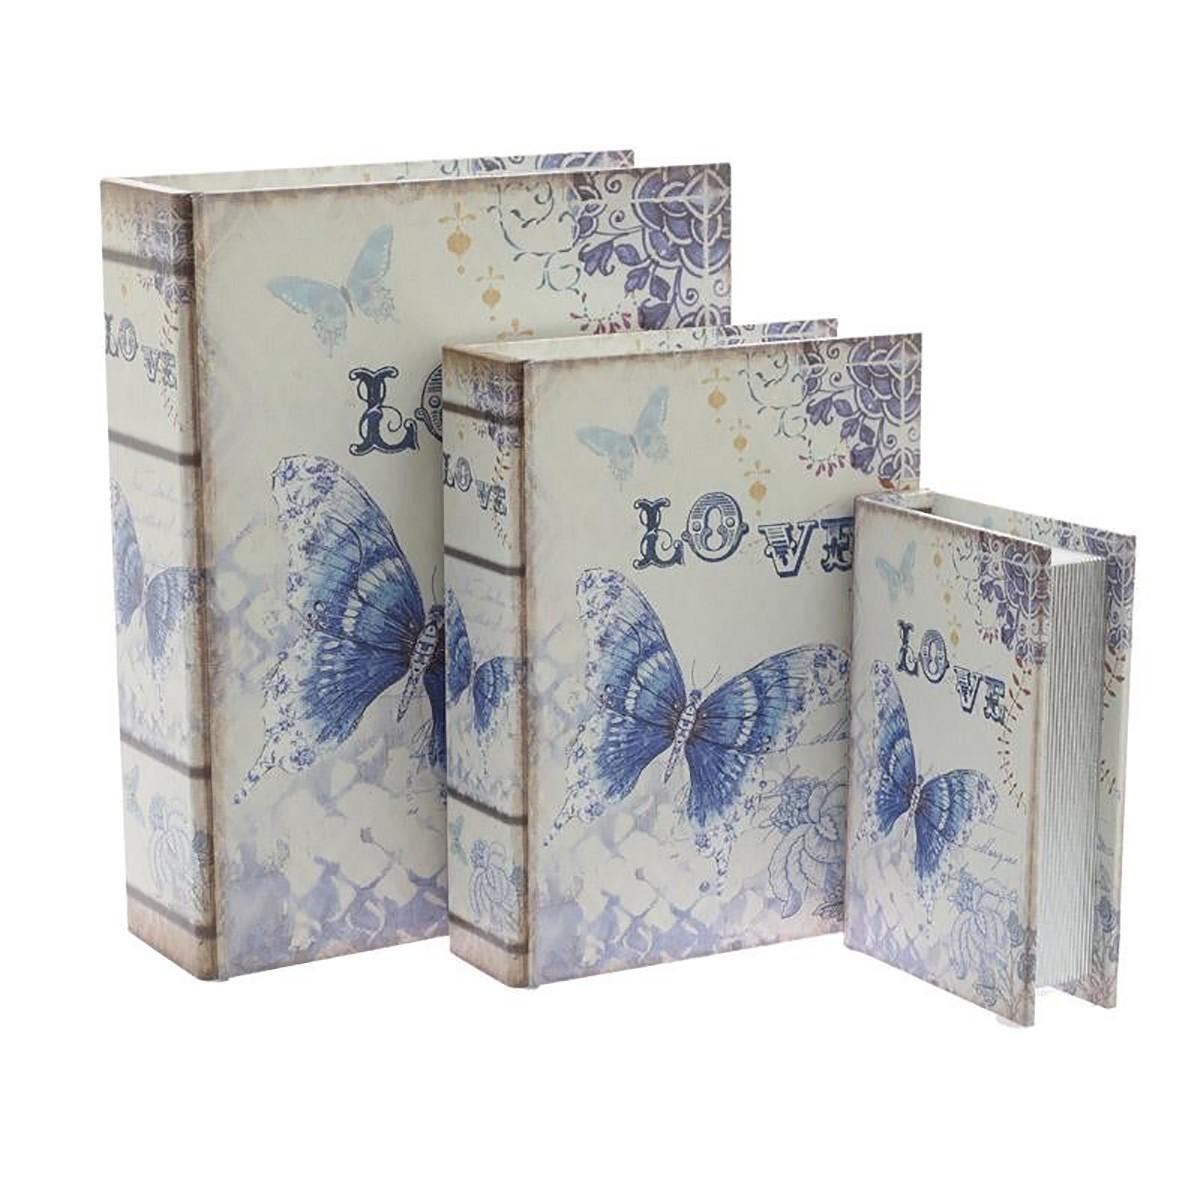 Κουτιά/Βιβλία Αποθήκευσης (Σετ 3τμχ) InArt 3-70-358-0056 72822